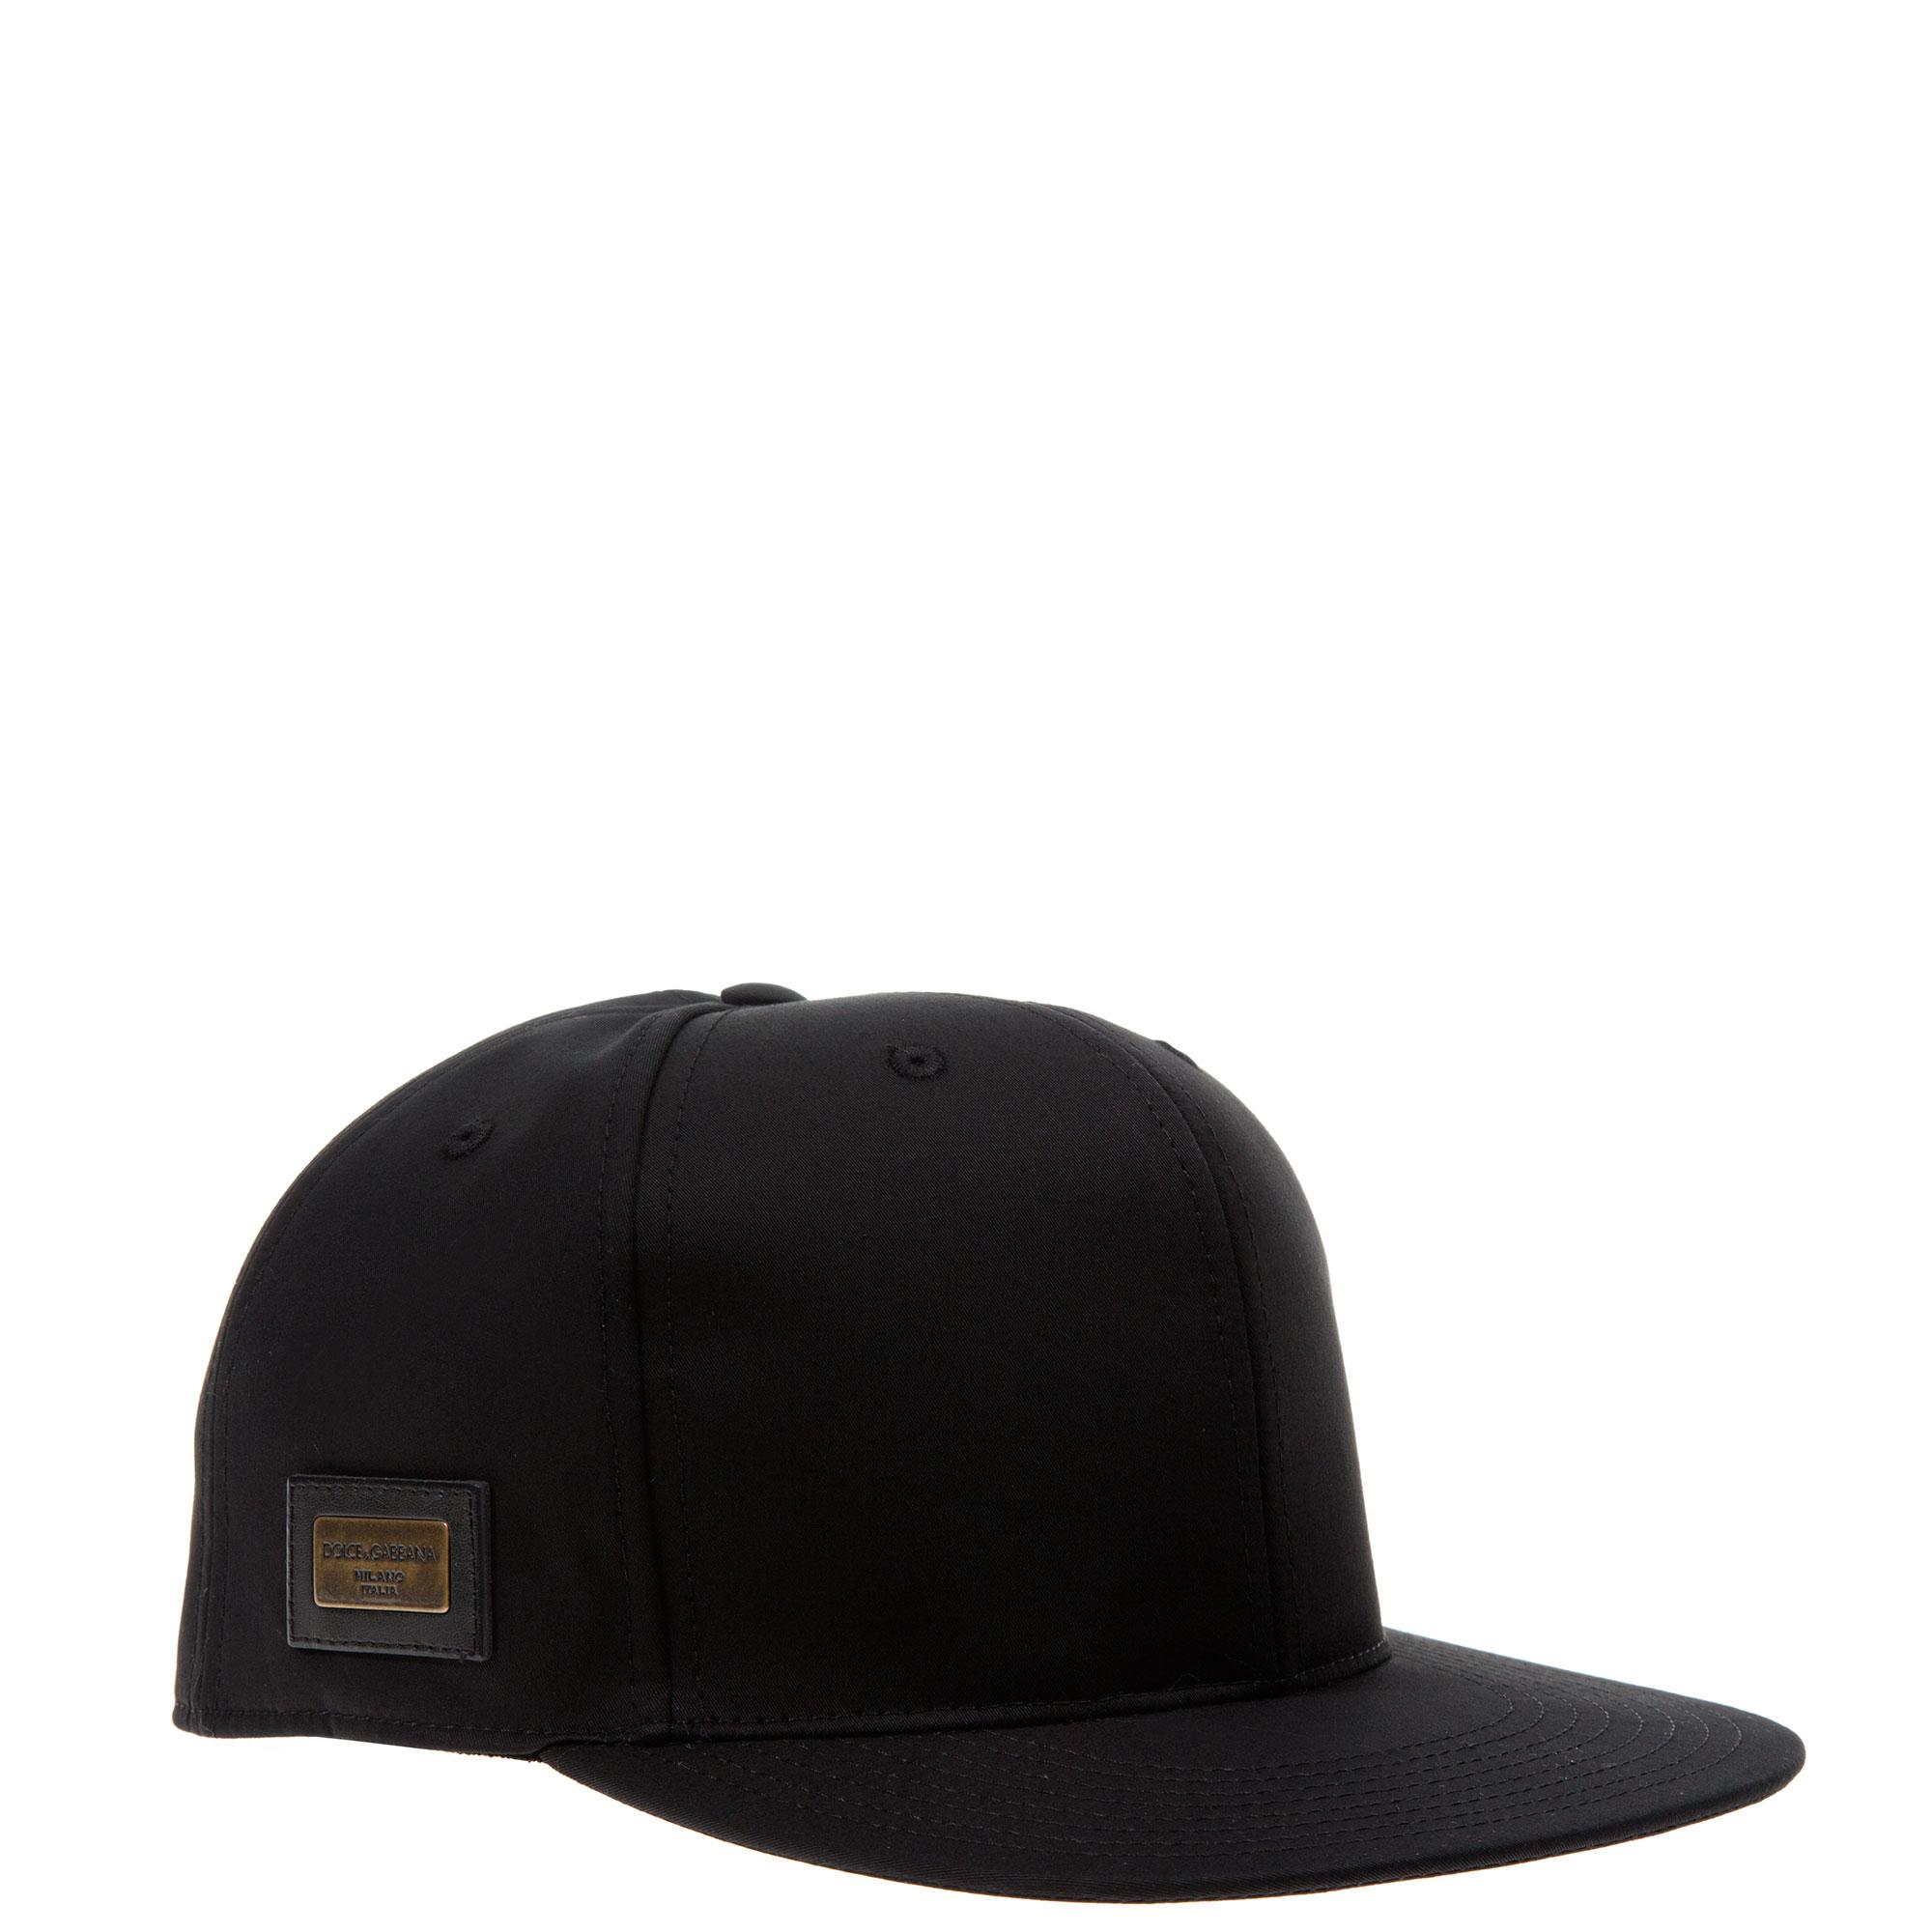 Lyst - Dolce   Gabbana Black Flat-brimmed Hat in Black for Men d59fcbfe33d